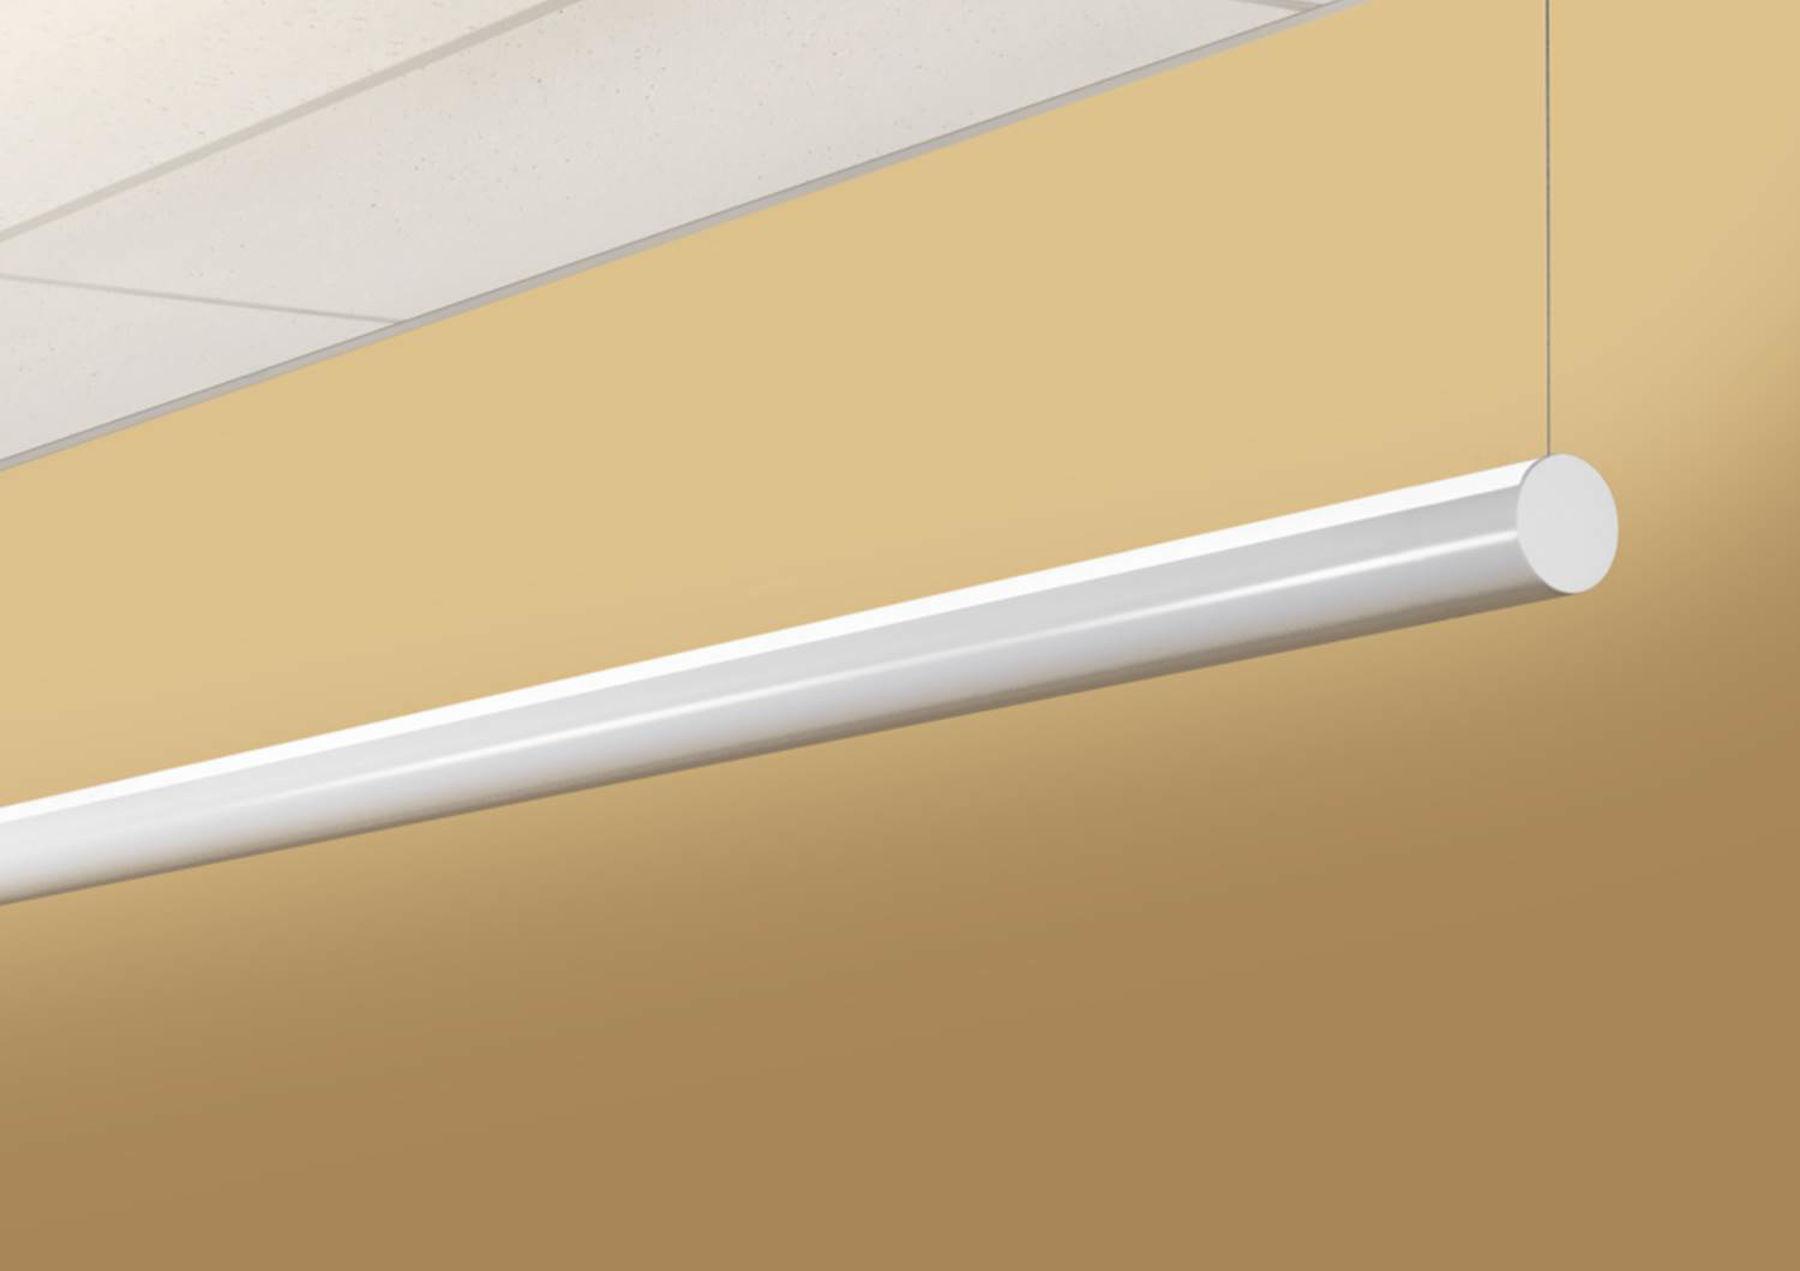 Picture of GR2U-LED-LENS